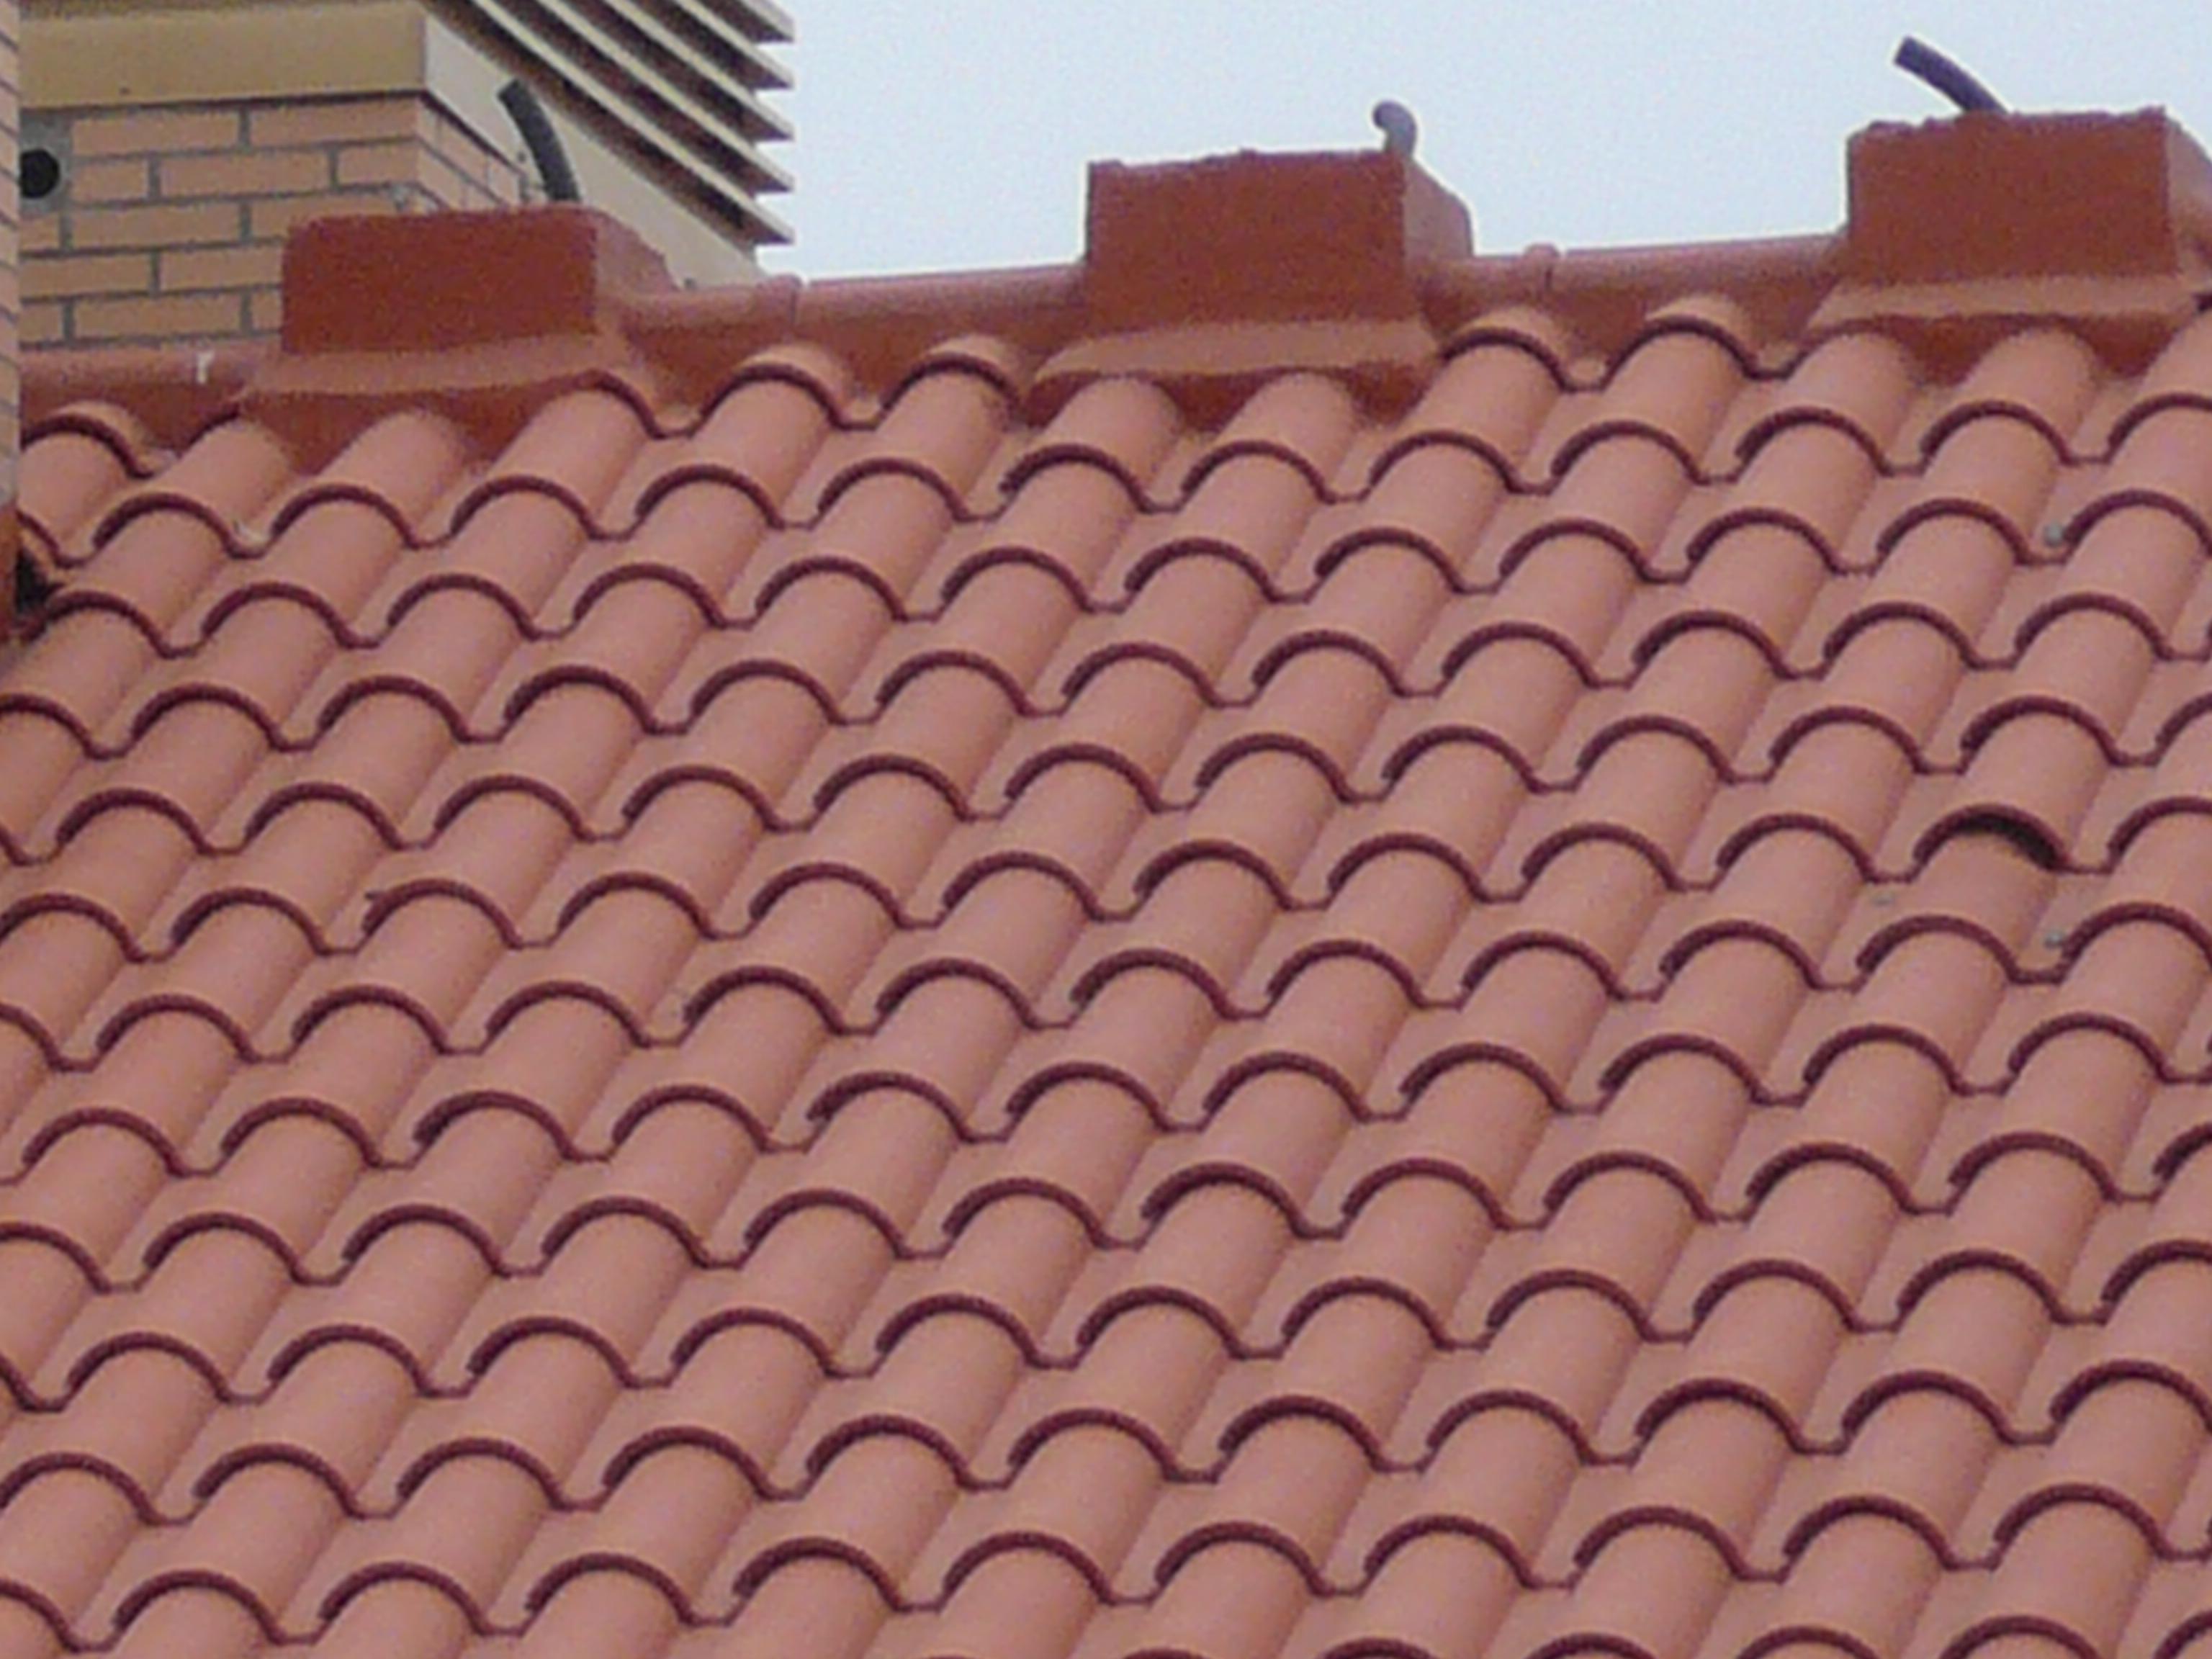 Vista cubierta de teja borja Los Alisos